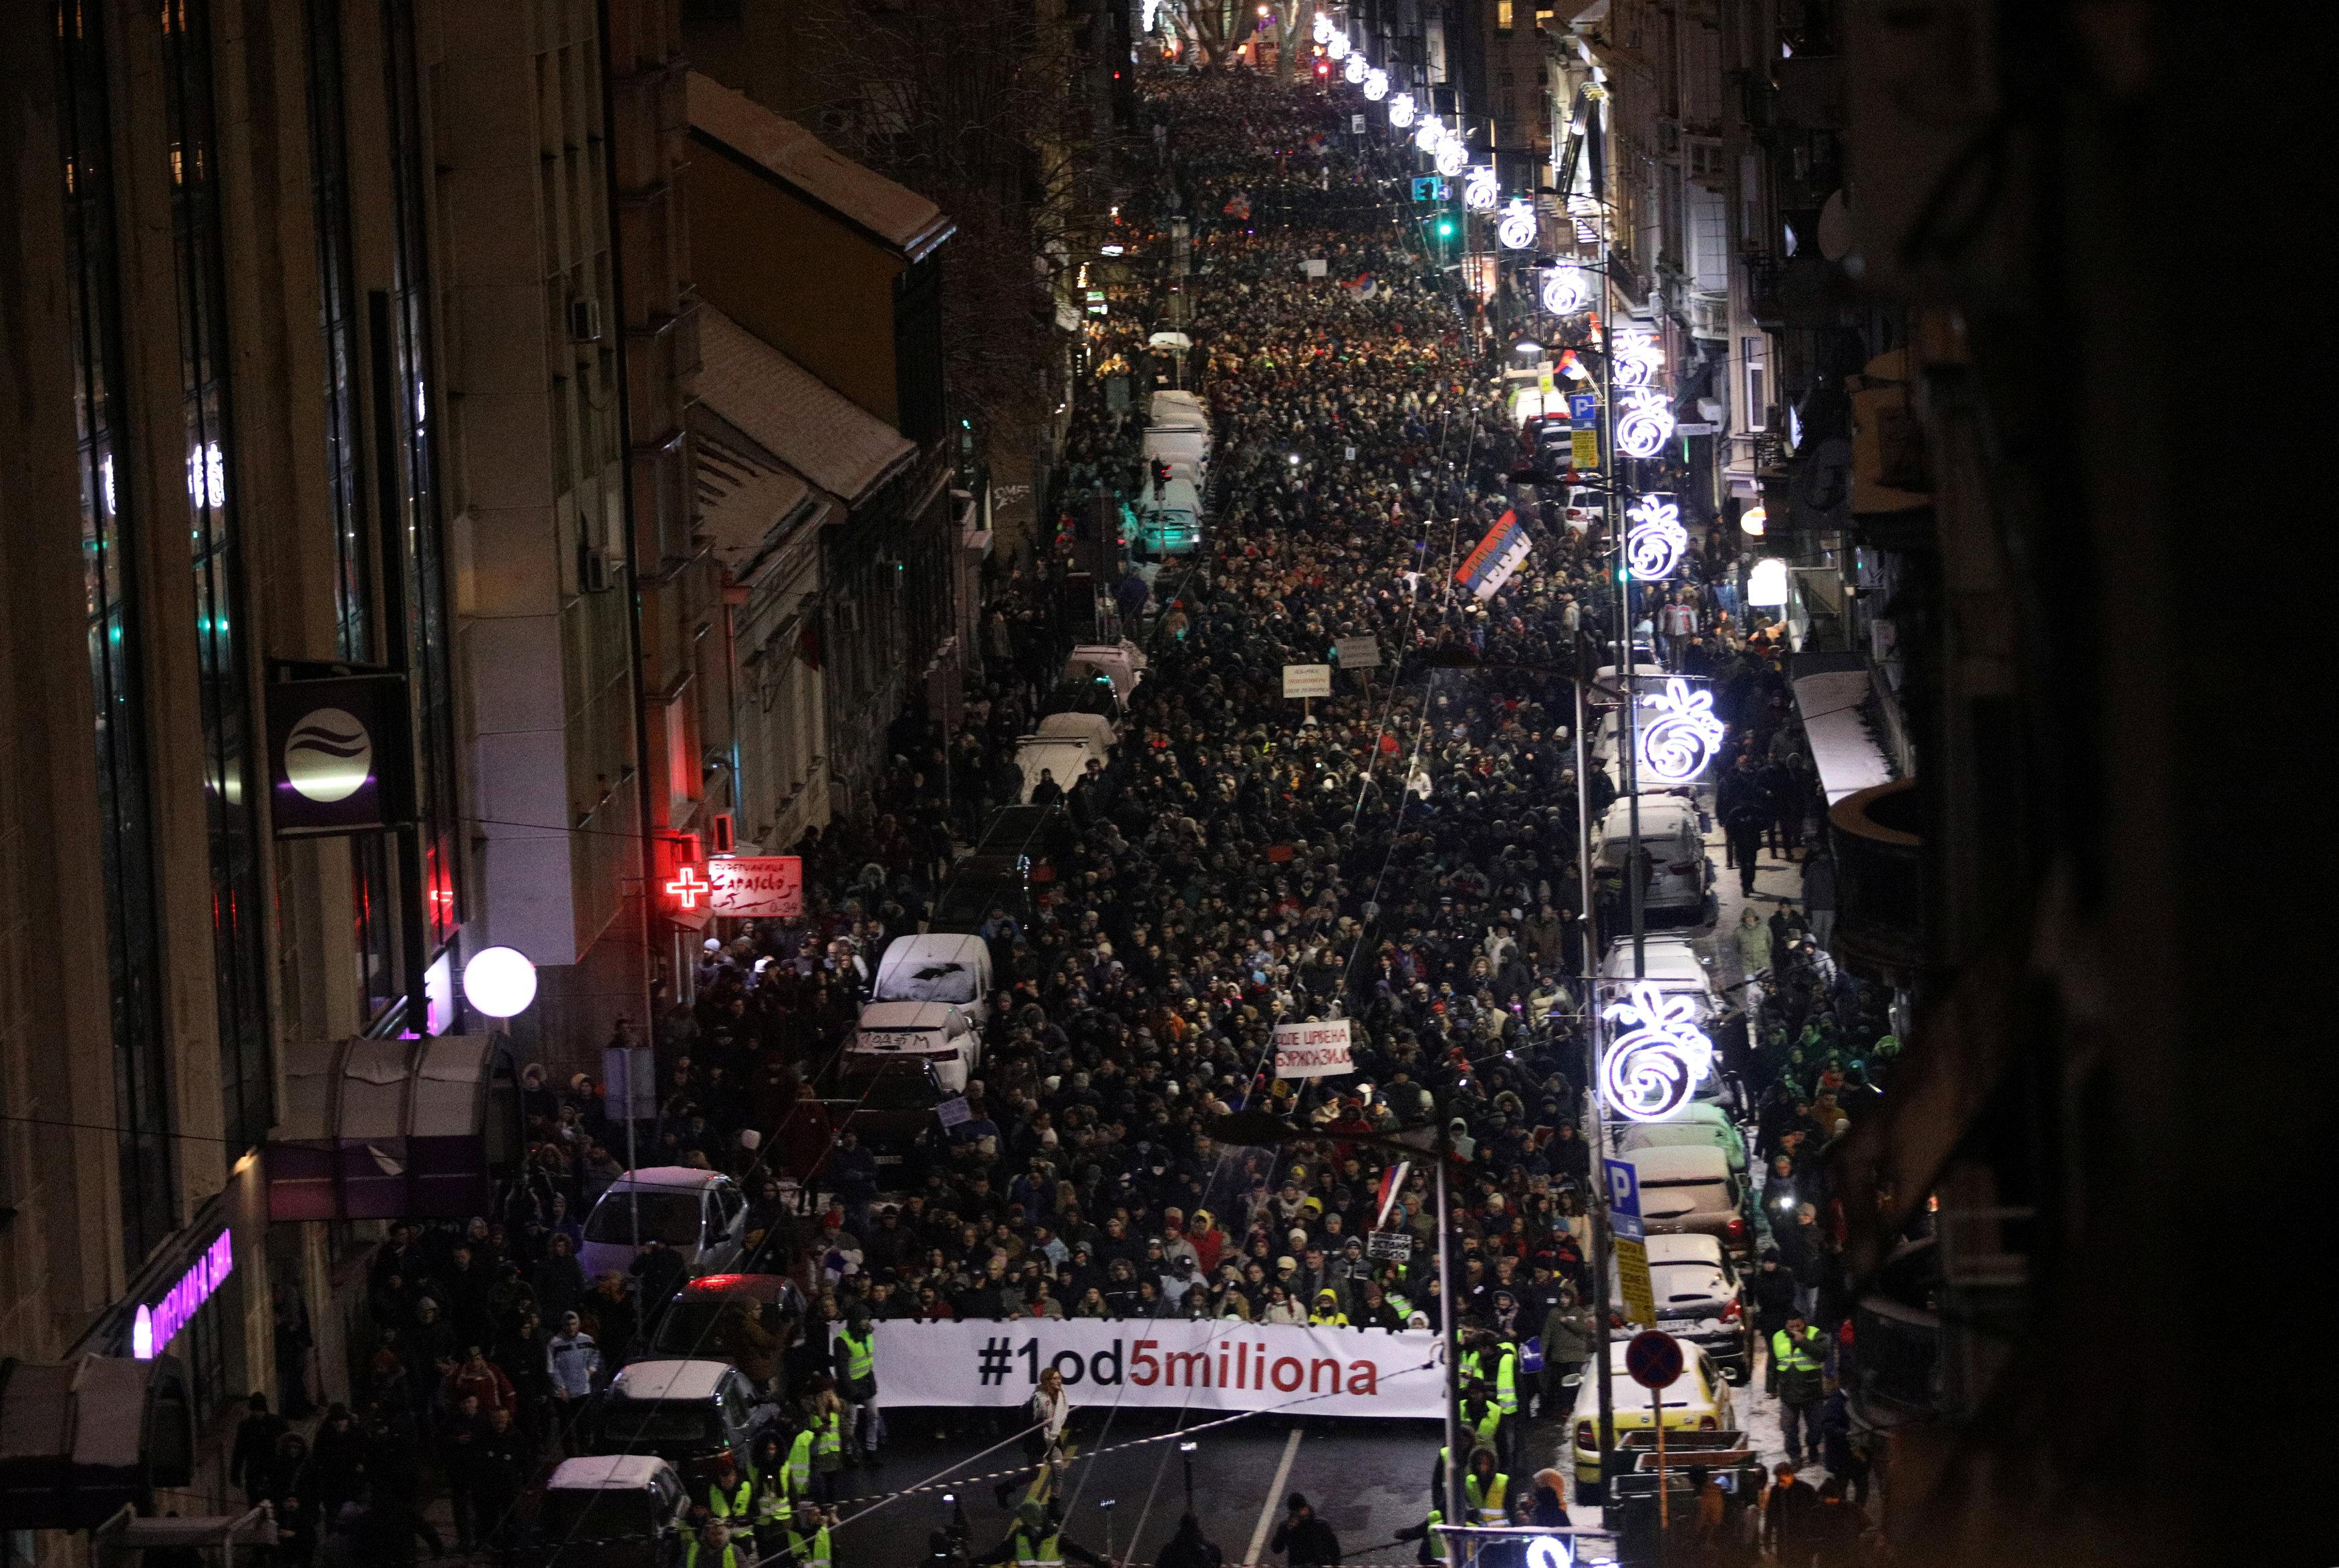 الاحتجاجات الحاشدة ضد الرئيس الصربى فى شوارع بلجراد (6)